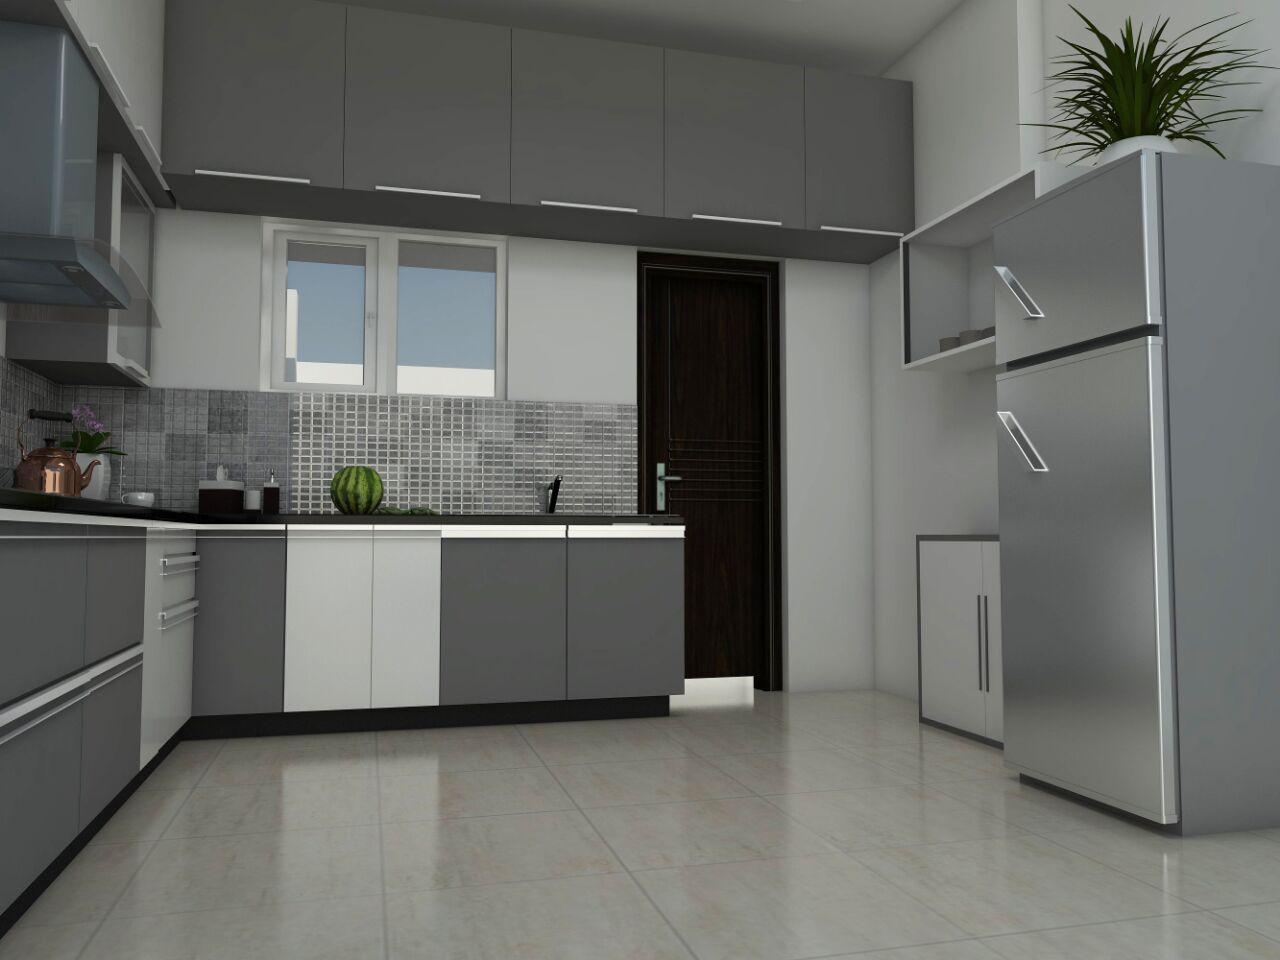 Modular Kitchen. by L Santosh Kumar Modular-kitchen Modern | Interior Design Photos & Ideas